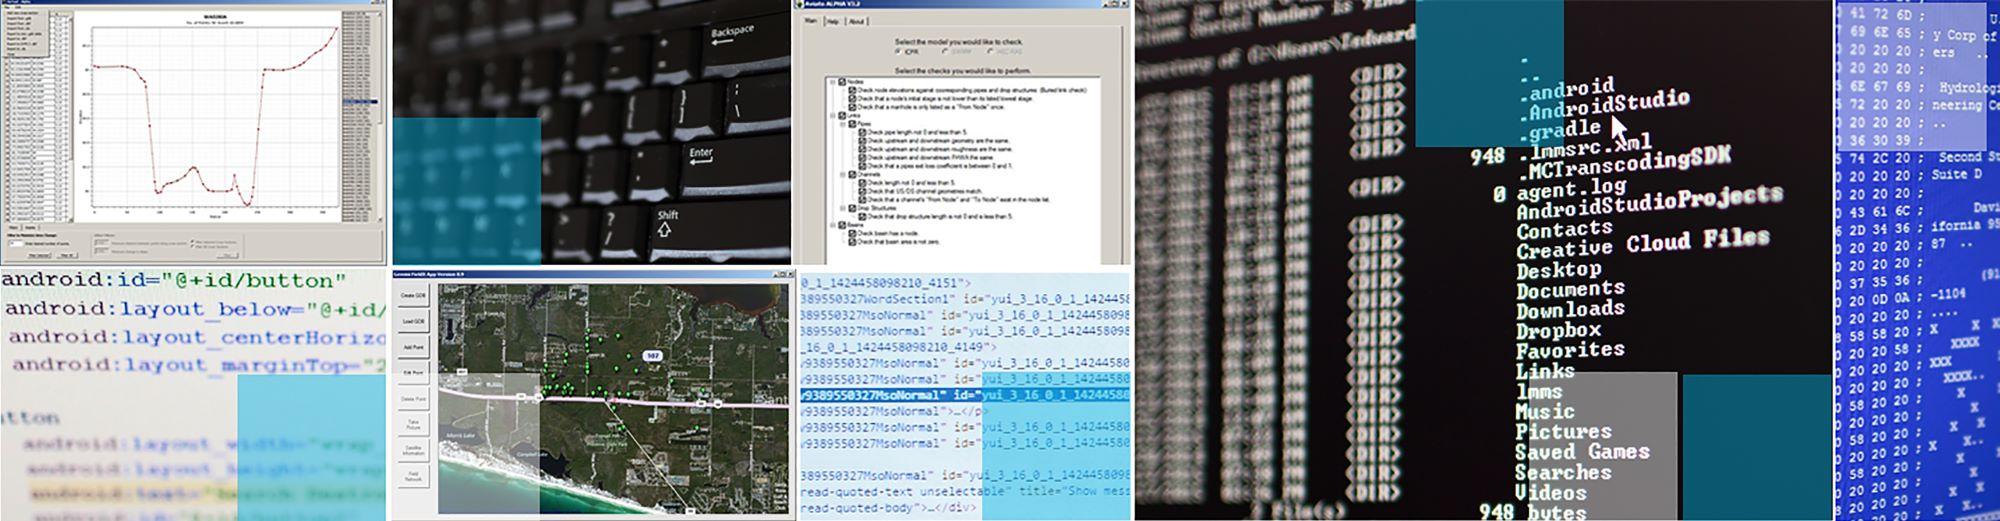 Software at Gemini